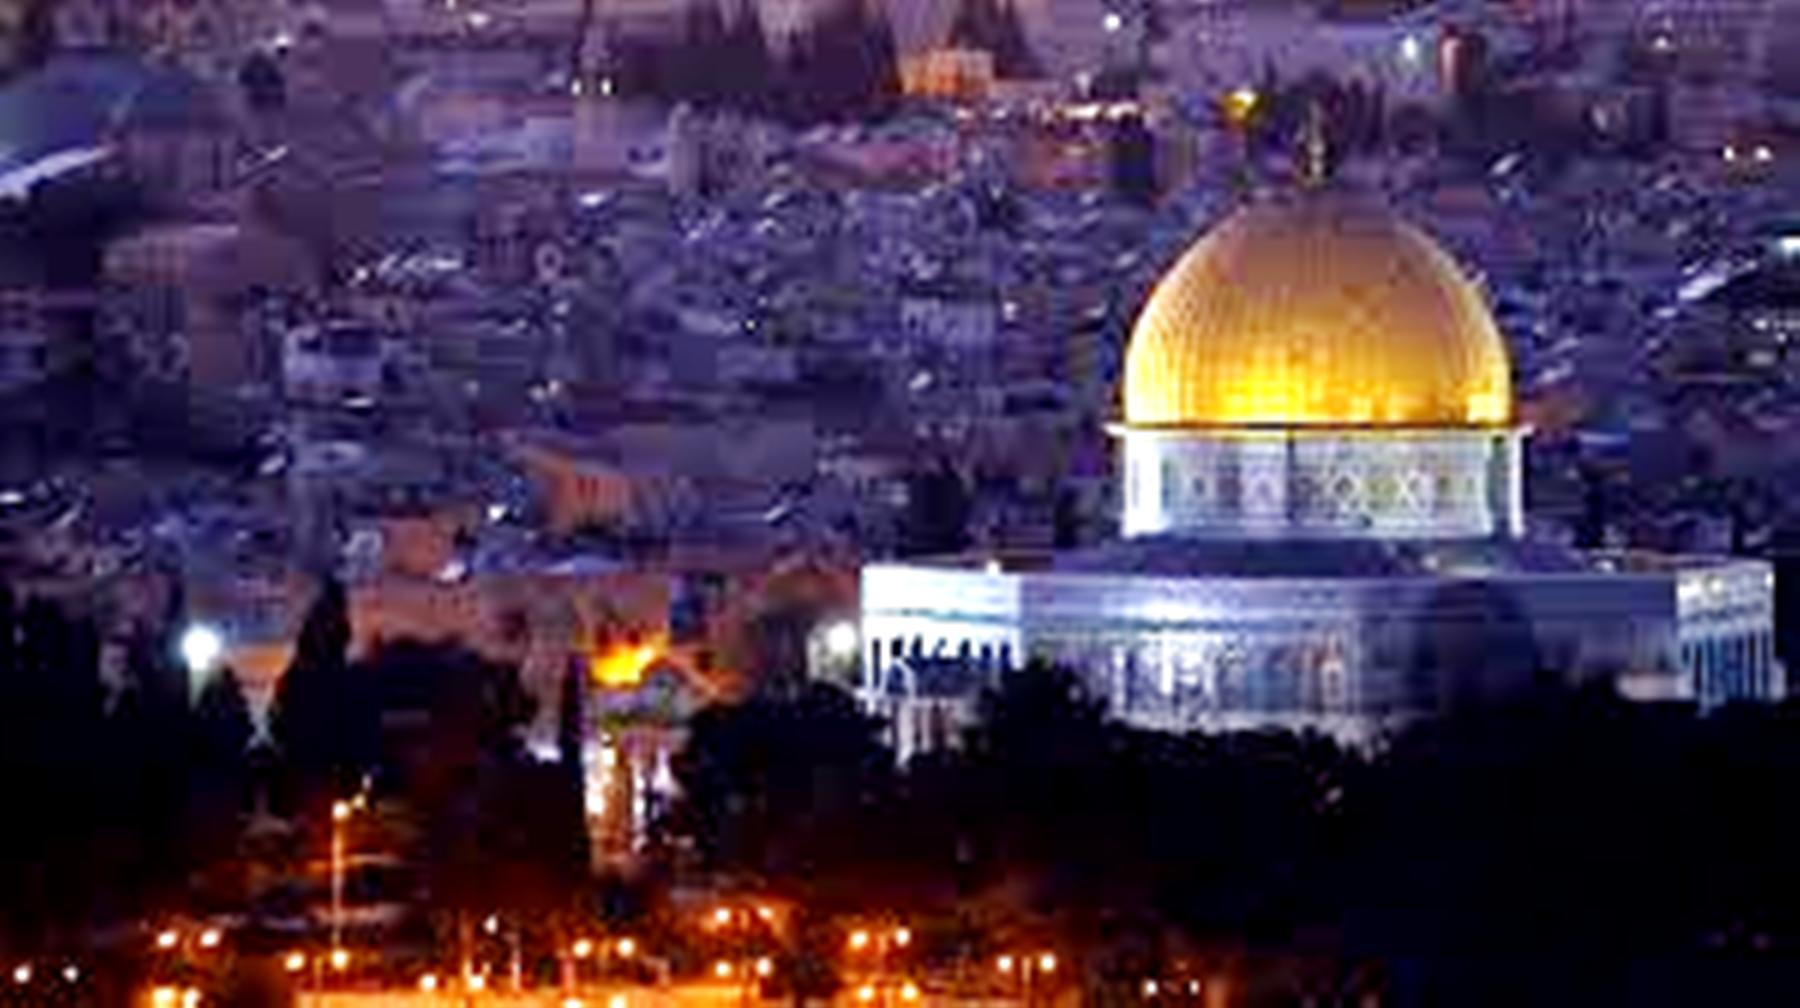 Ο Ερντογάν καταστρέφει το τέμενος αλ-Άκσα από την Αγία Σοφία ή πώς οι Σύροι μουσουλμάνοι σχολιάζουν την αρπαγή της Αγίας Σοφίας